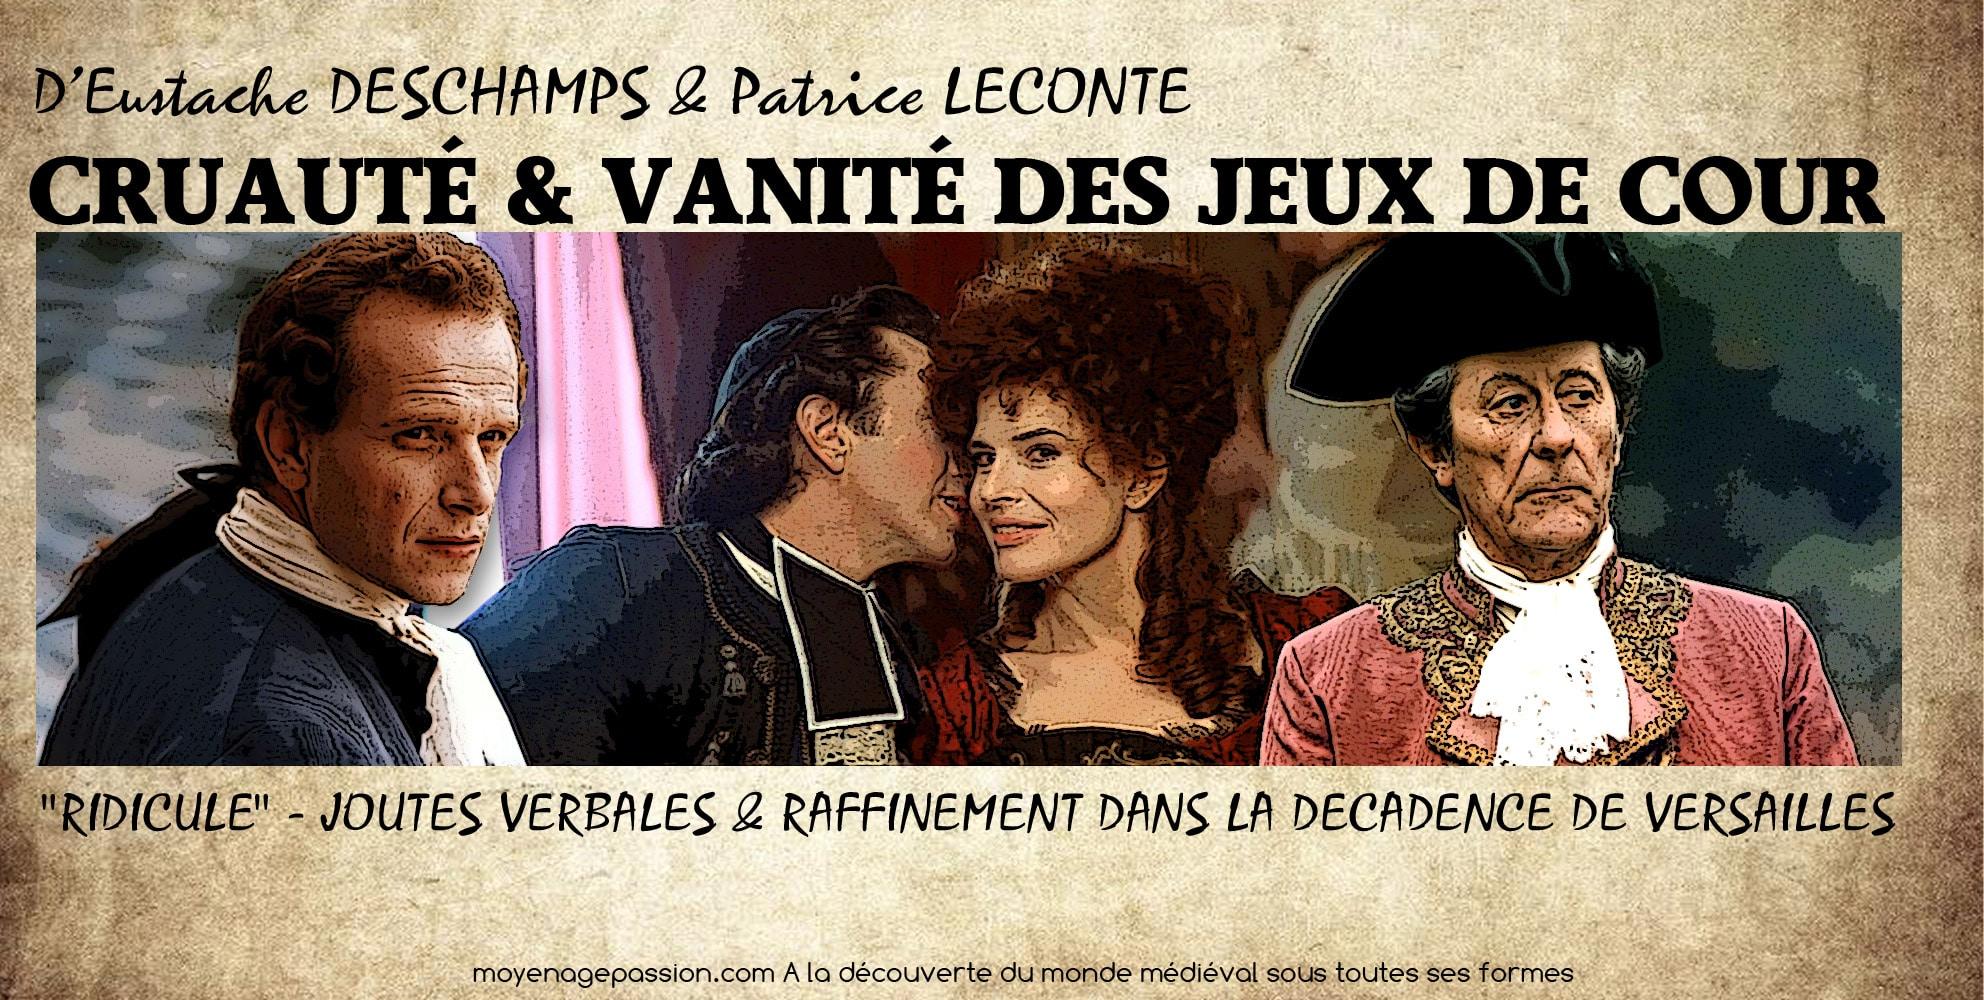 eustache_deschamps_poesie_medievale_politique_satirique_jeux_de_cour_film_histoirique_ridicule_patrice_leconte